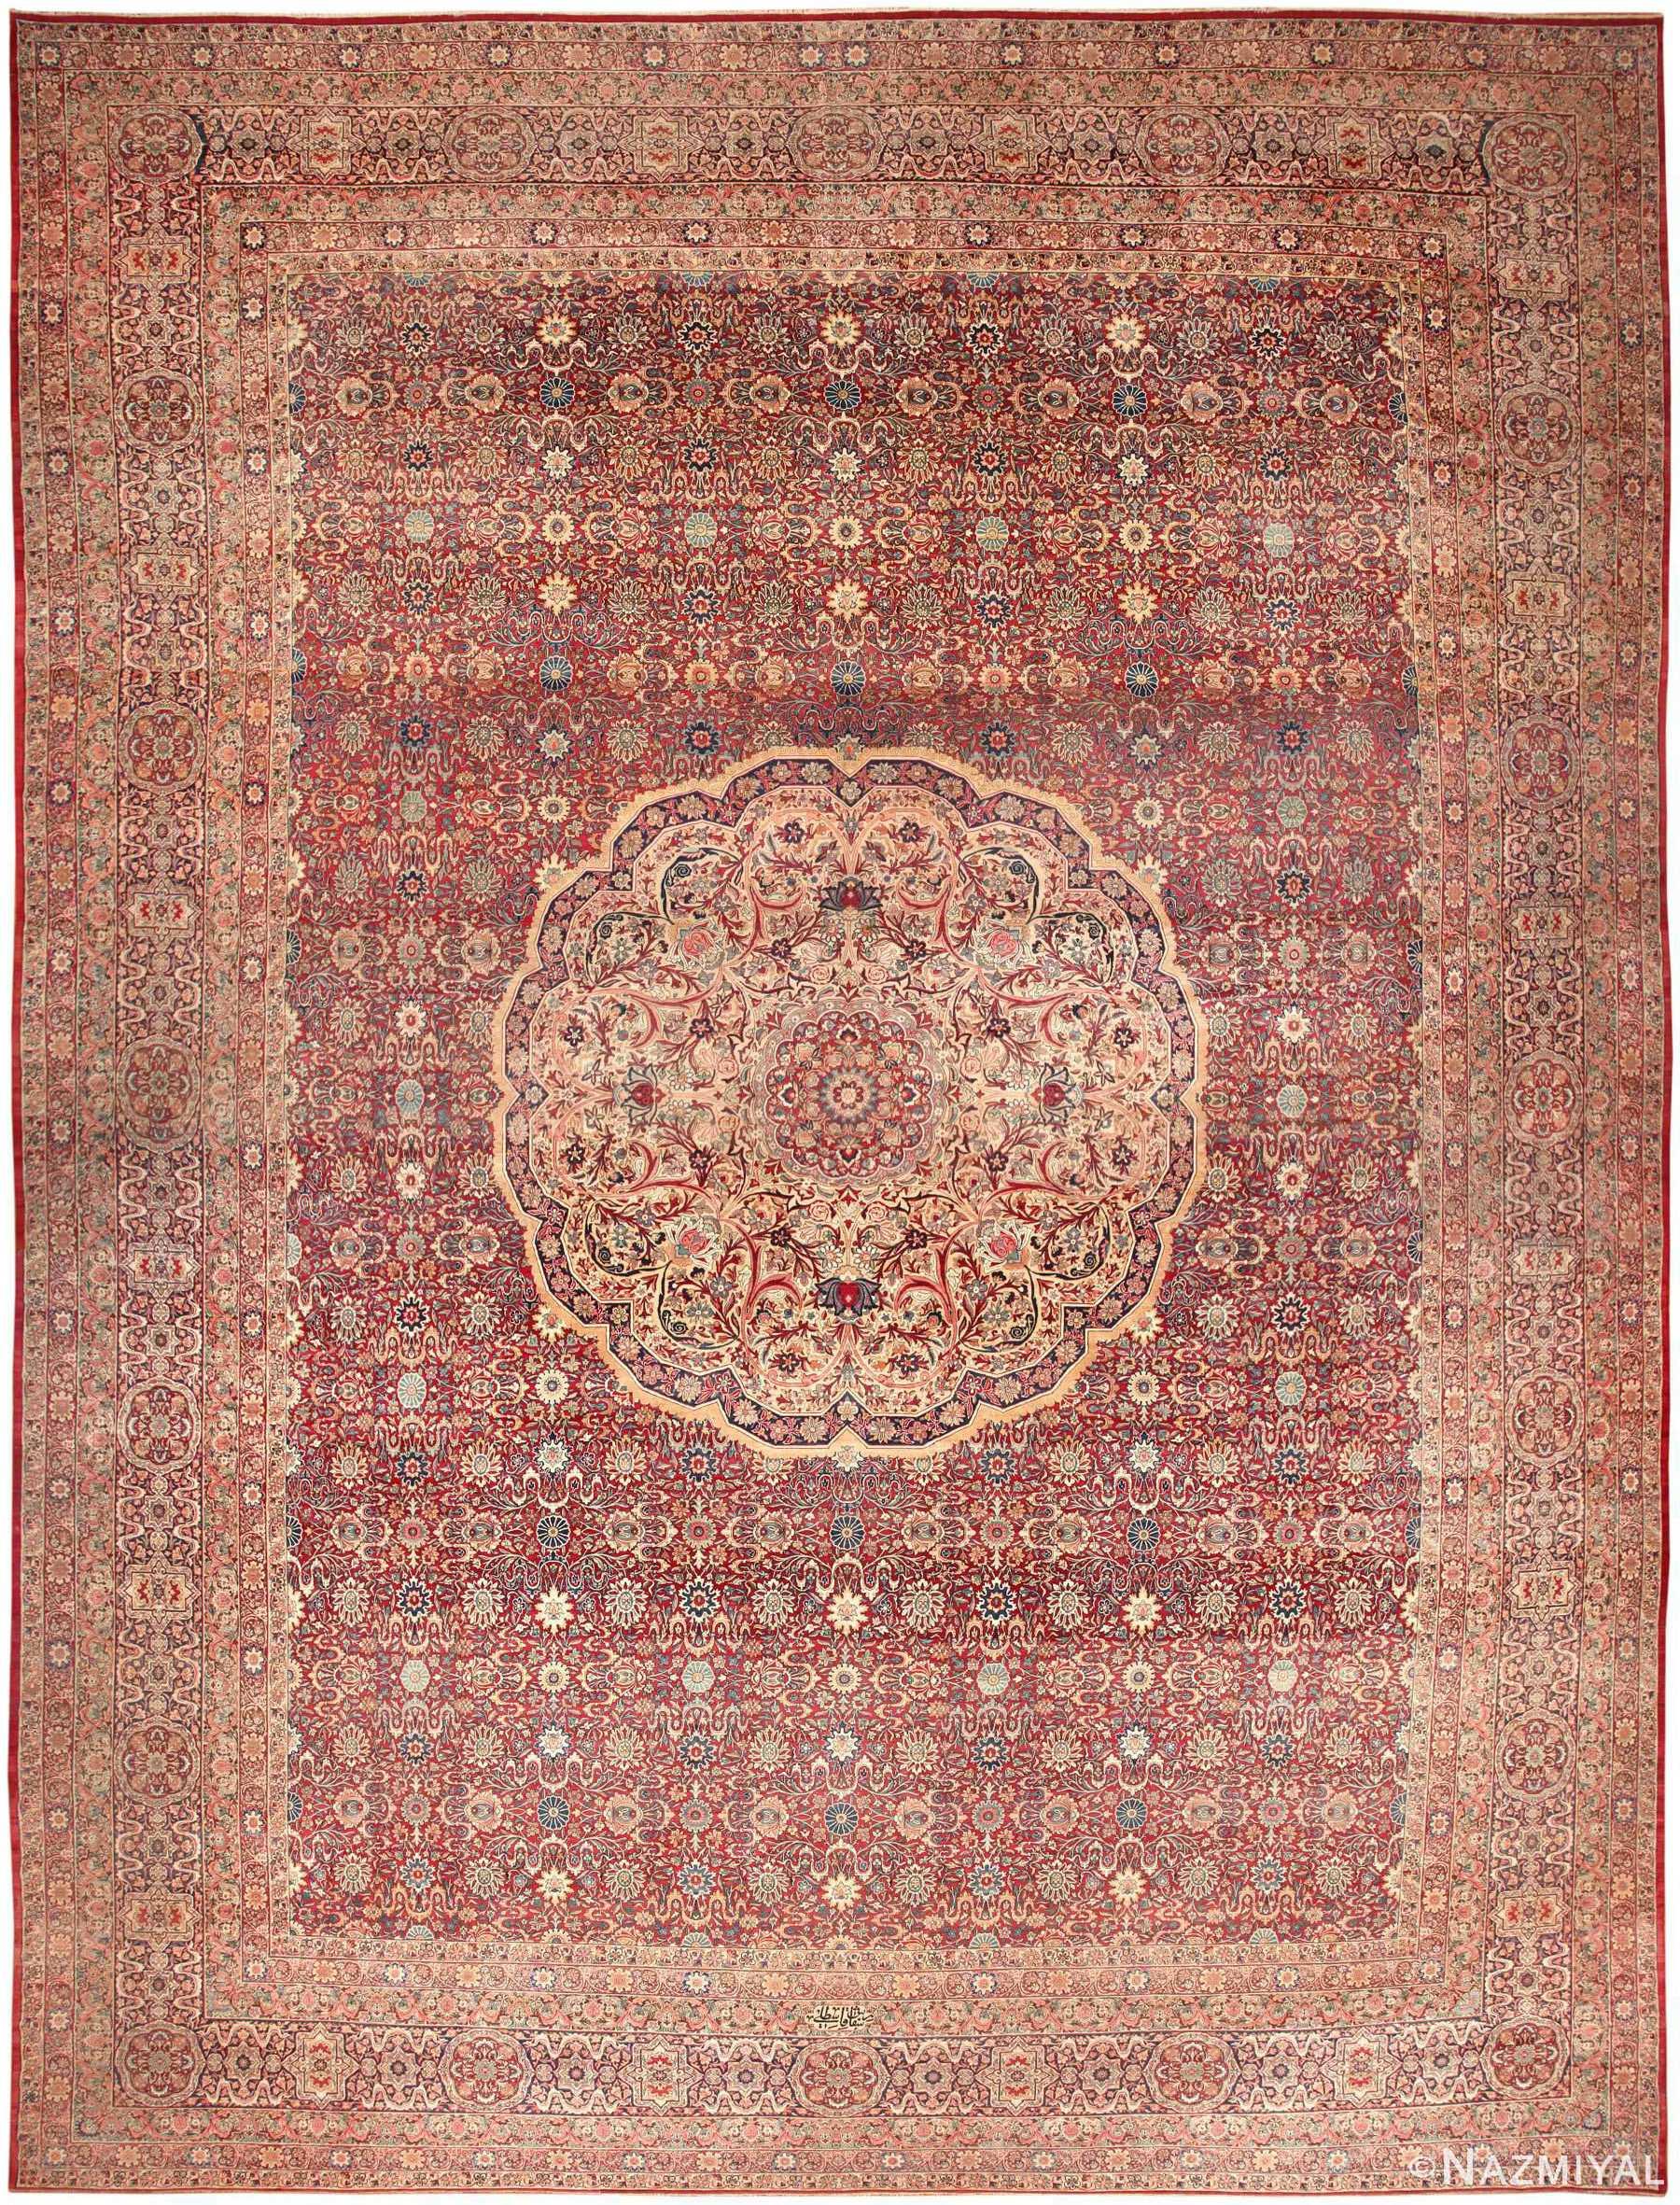 Kerman Rug Antique Persian Carpet 46400 By Nazmiyal